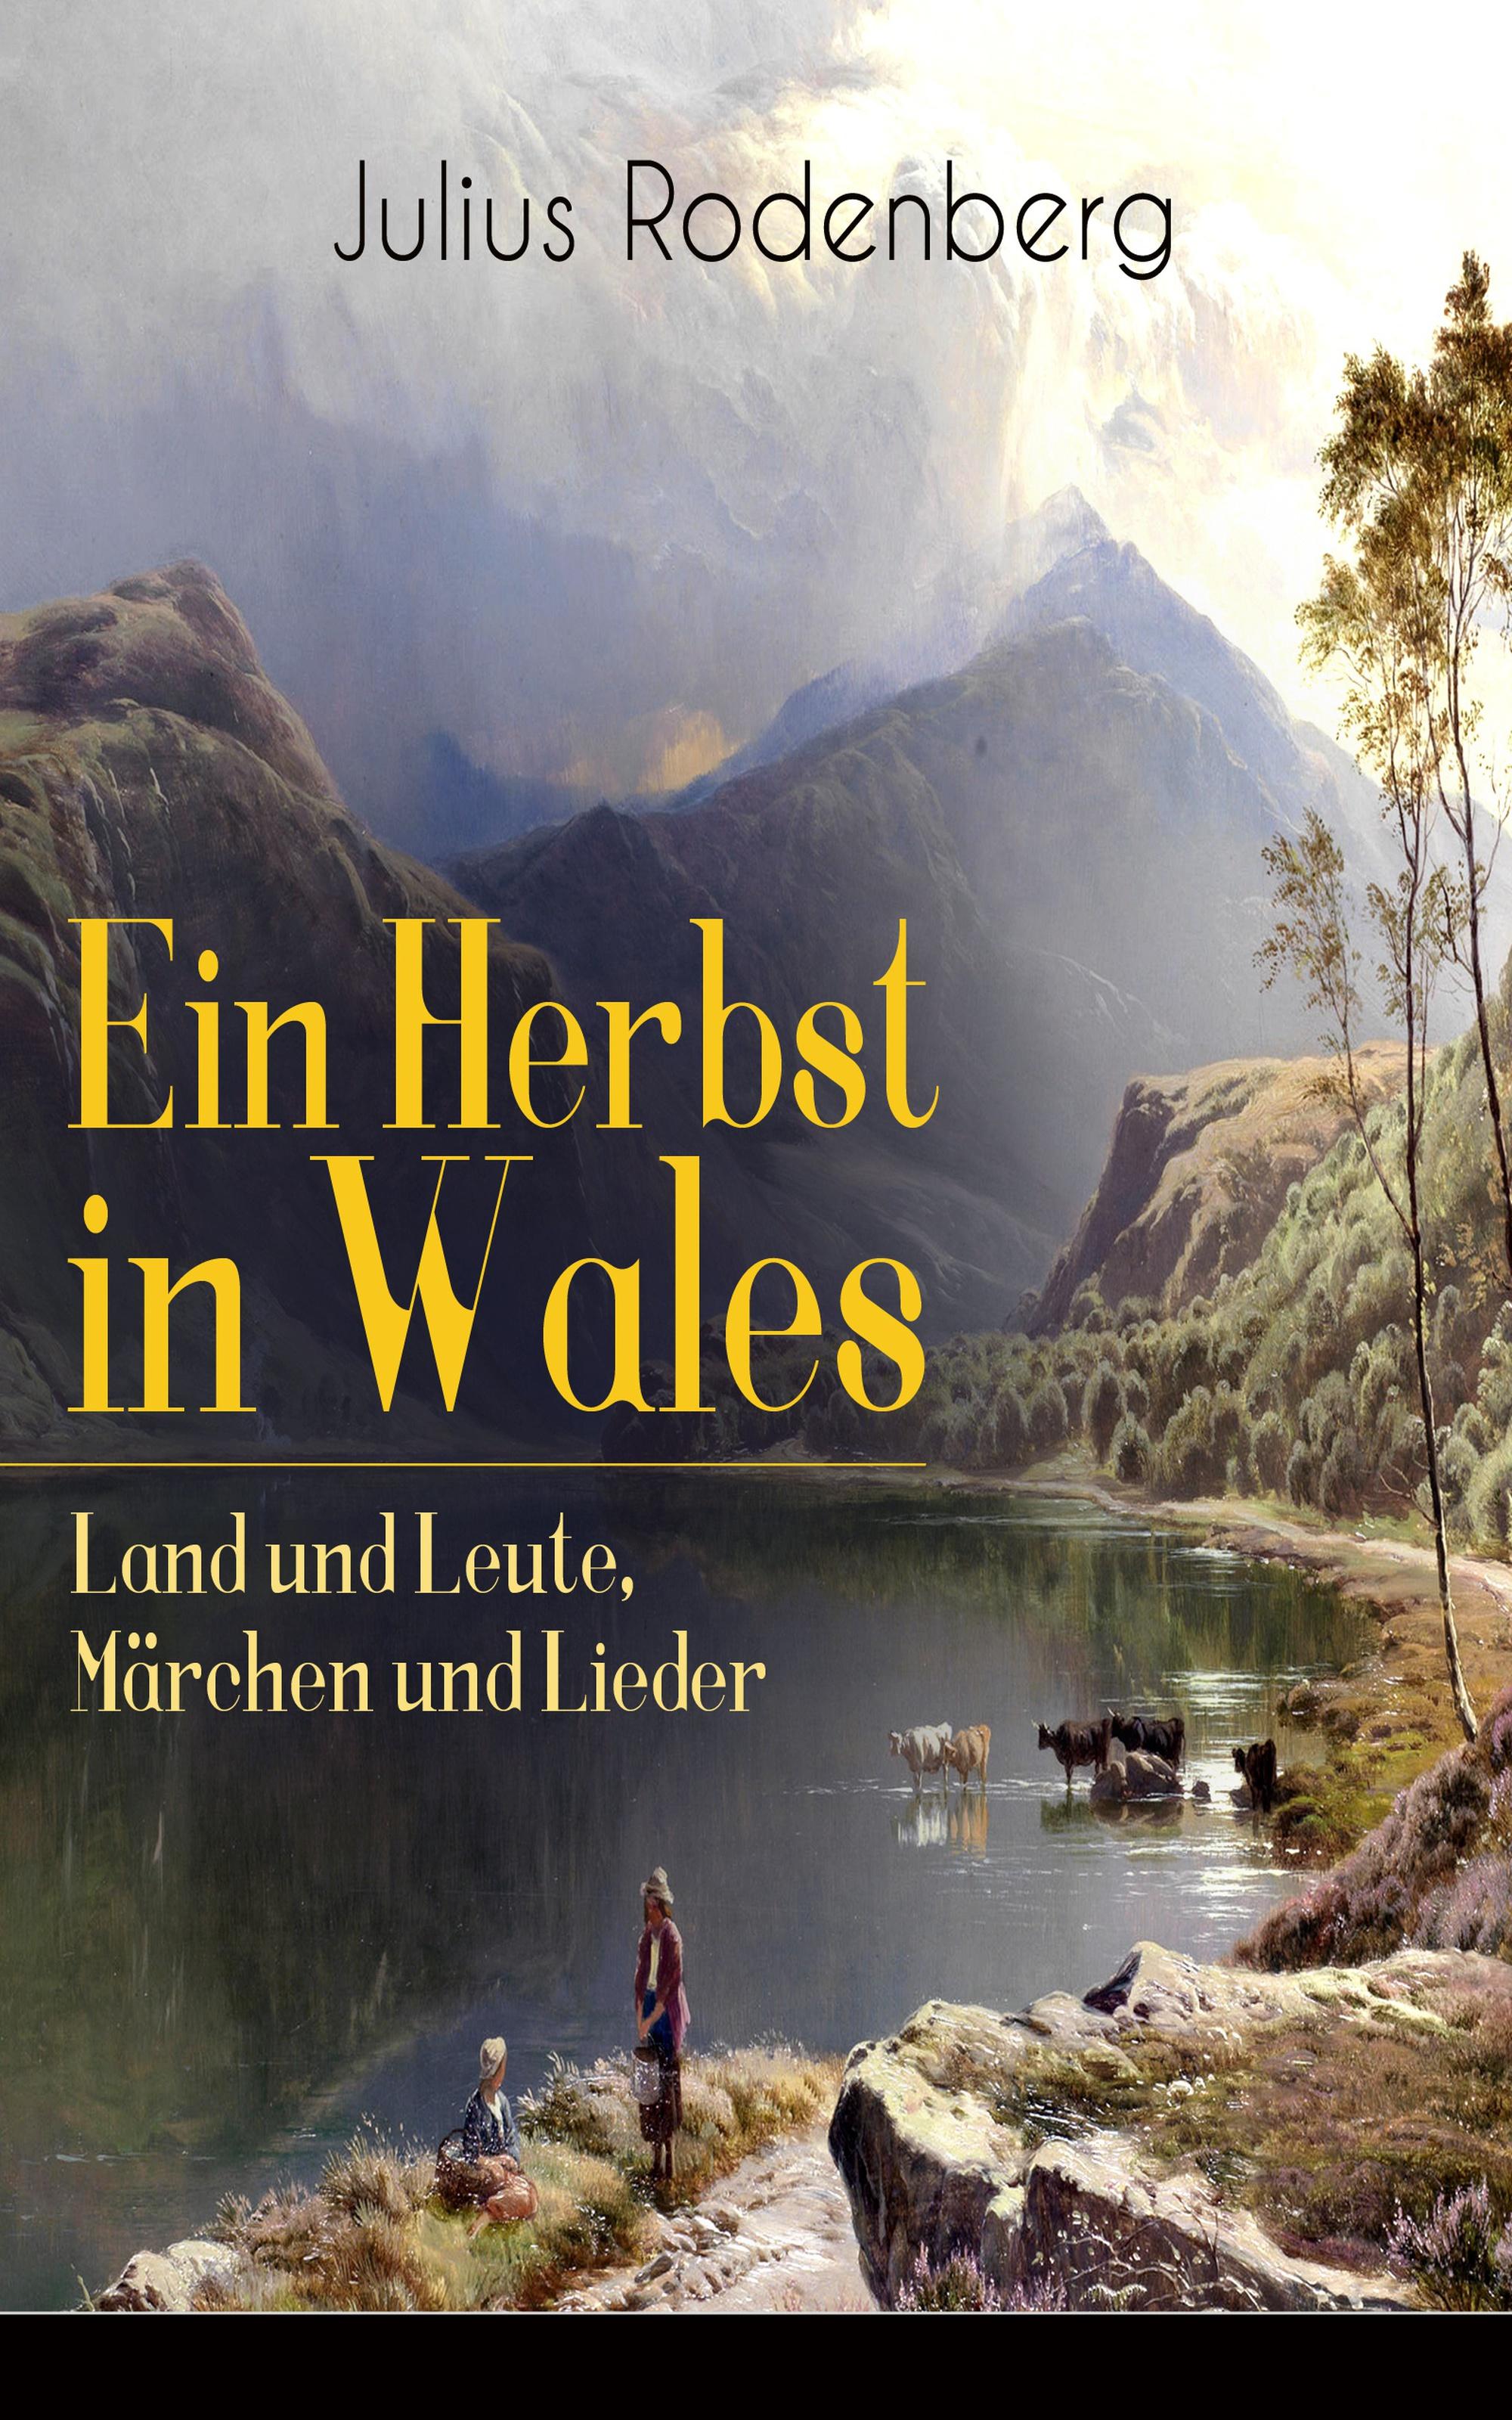 Julius Rodenberg Ein Herbst in Wales - Land und Leute, Märchen und Lieder